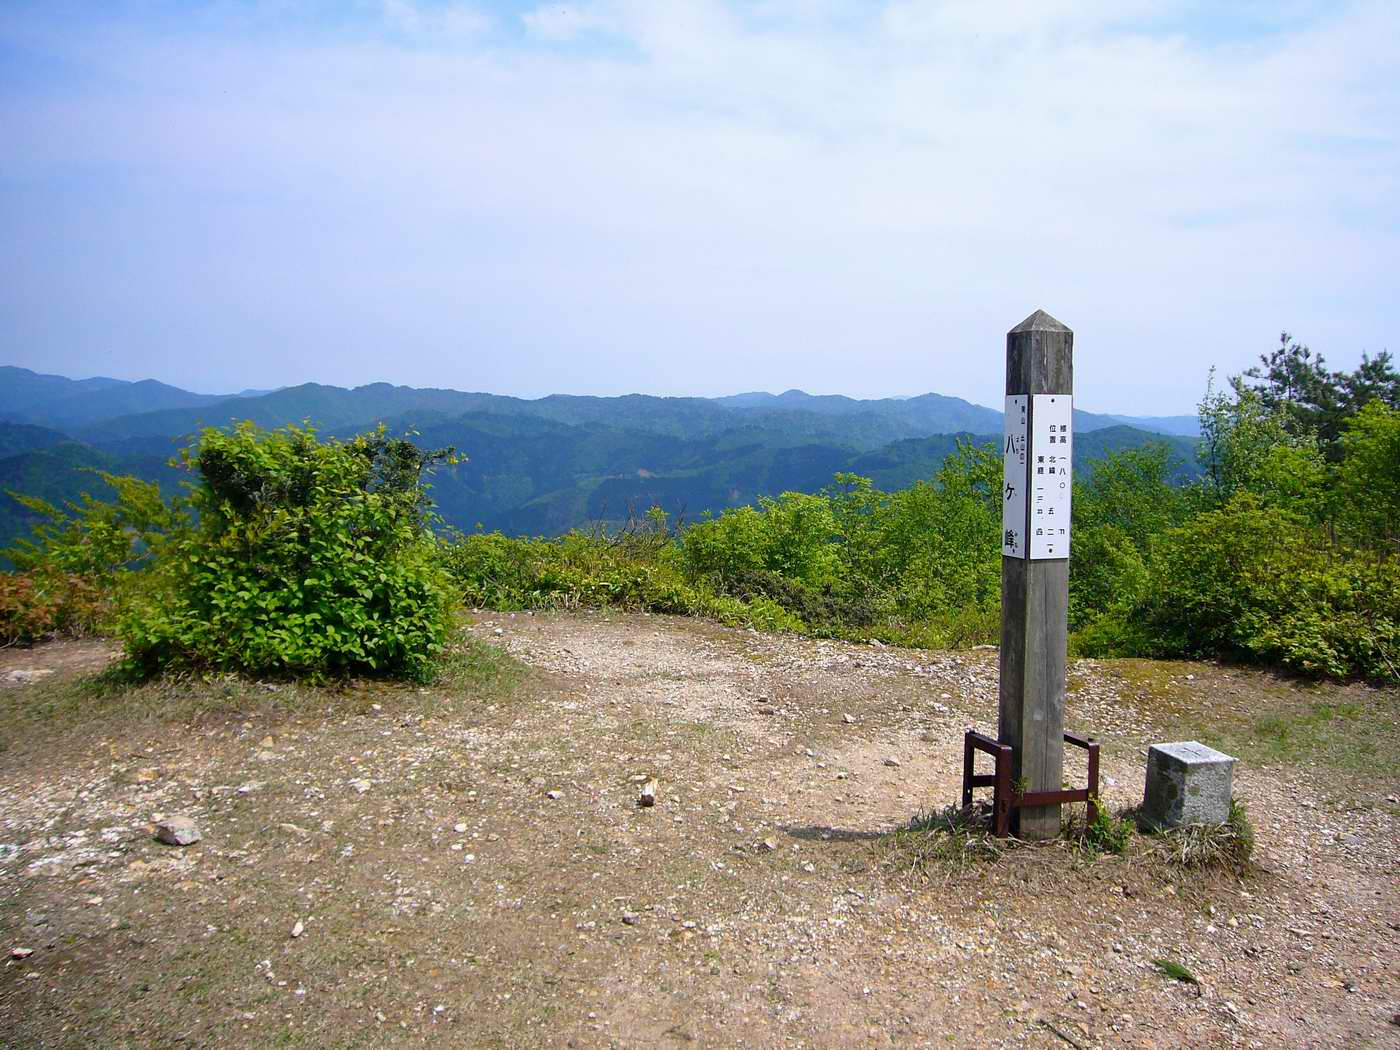 八ヶ峰~五波峠から森林浴-若丹国境尾根を歩くPart1 : 山好き的日々 ...